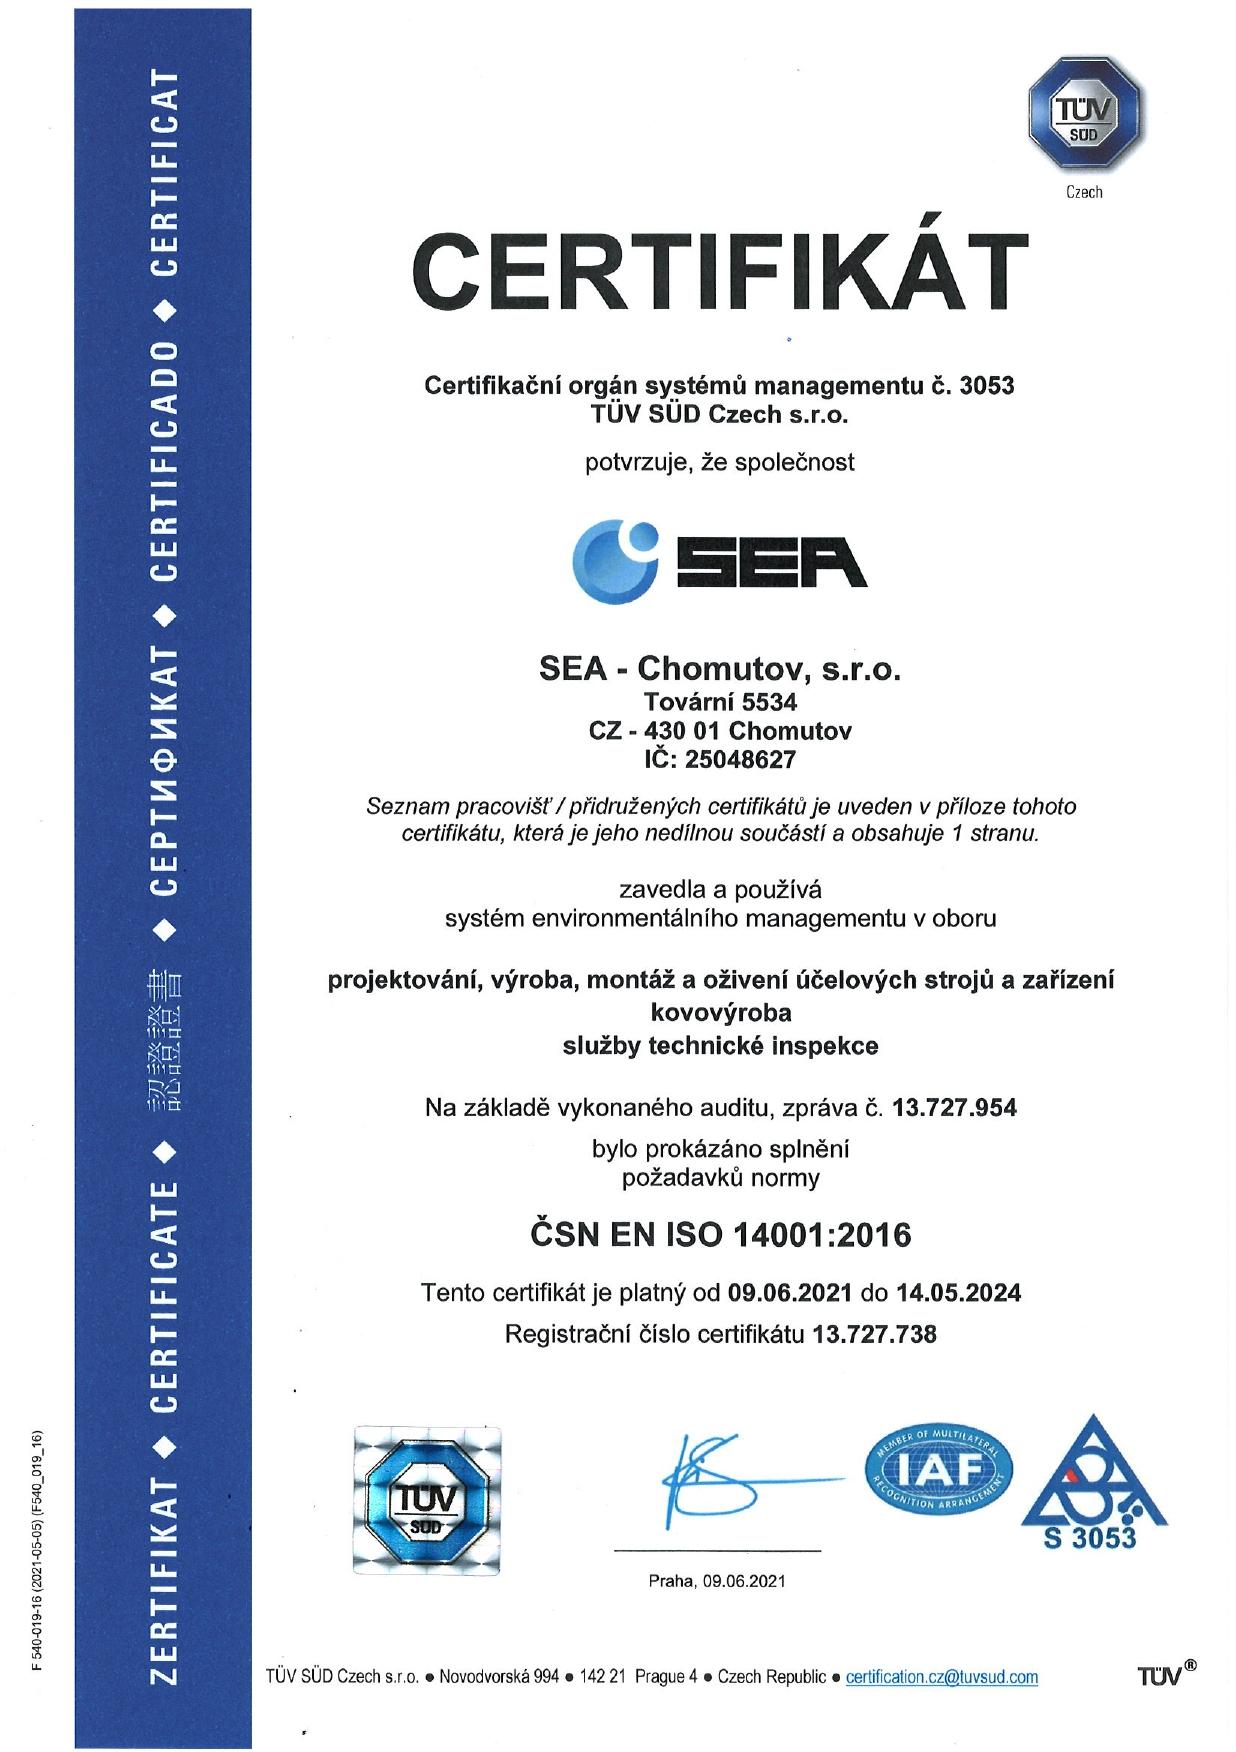 Certifikát systému environmentálního managementu podle ČSN EN ISO 14001:2016